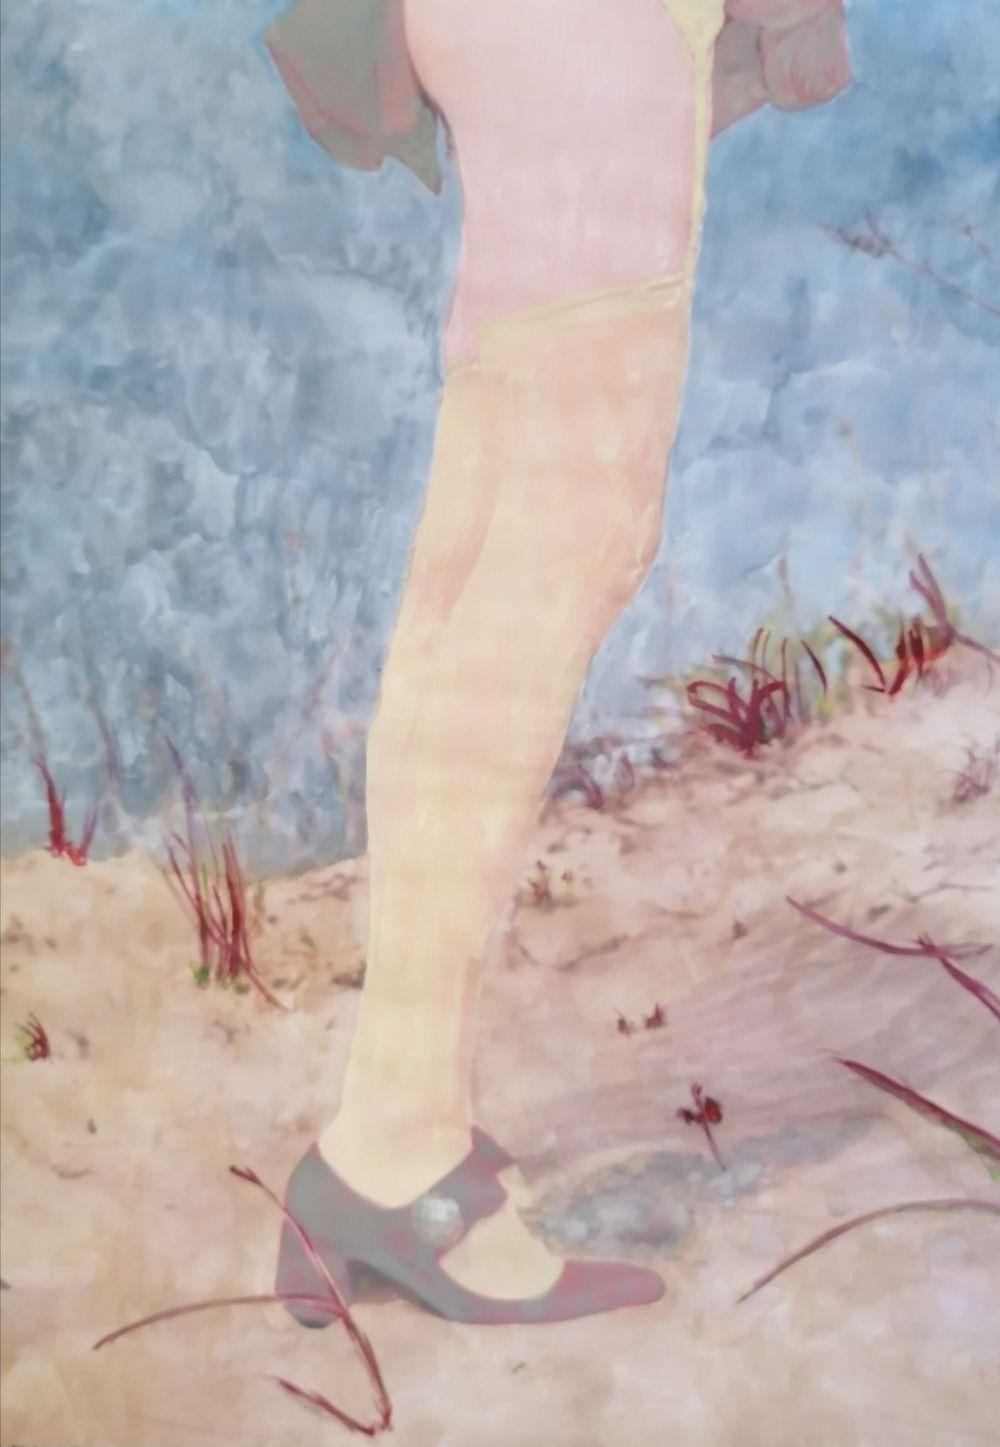 Aquarelle, Acrylique, Bleu, Mer, Histoire de l'art, Portrait, Femme